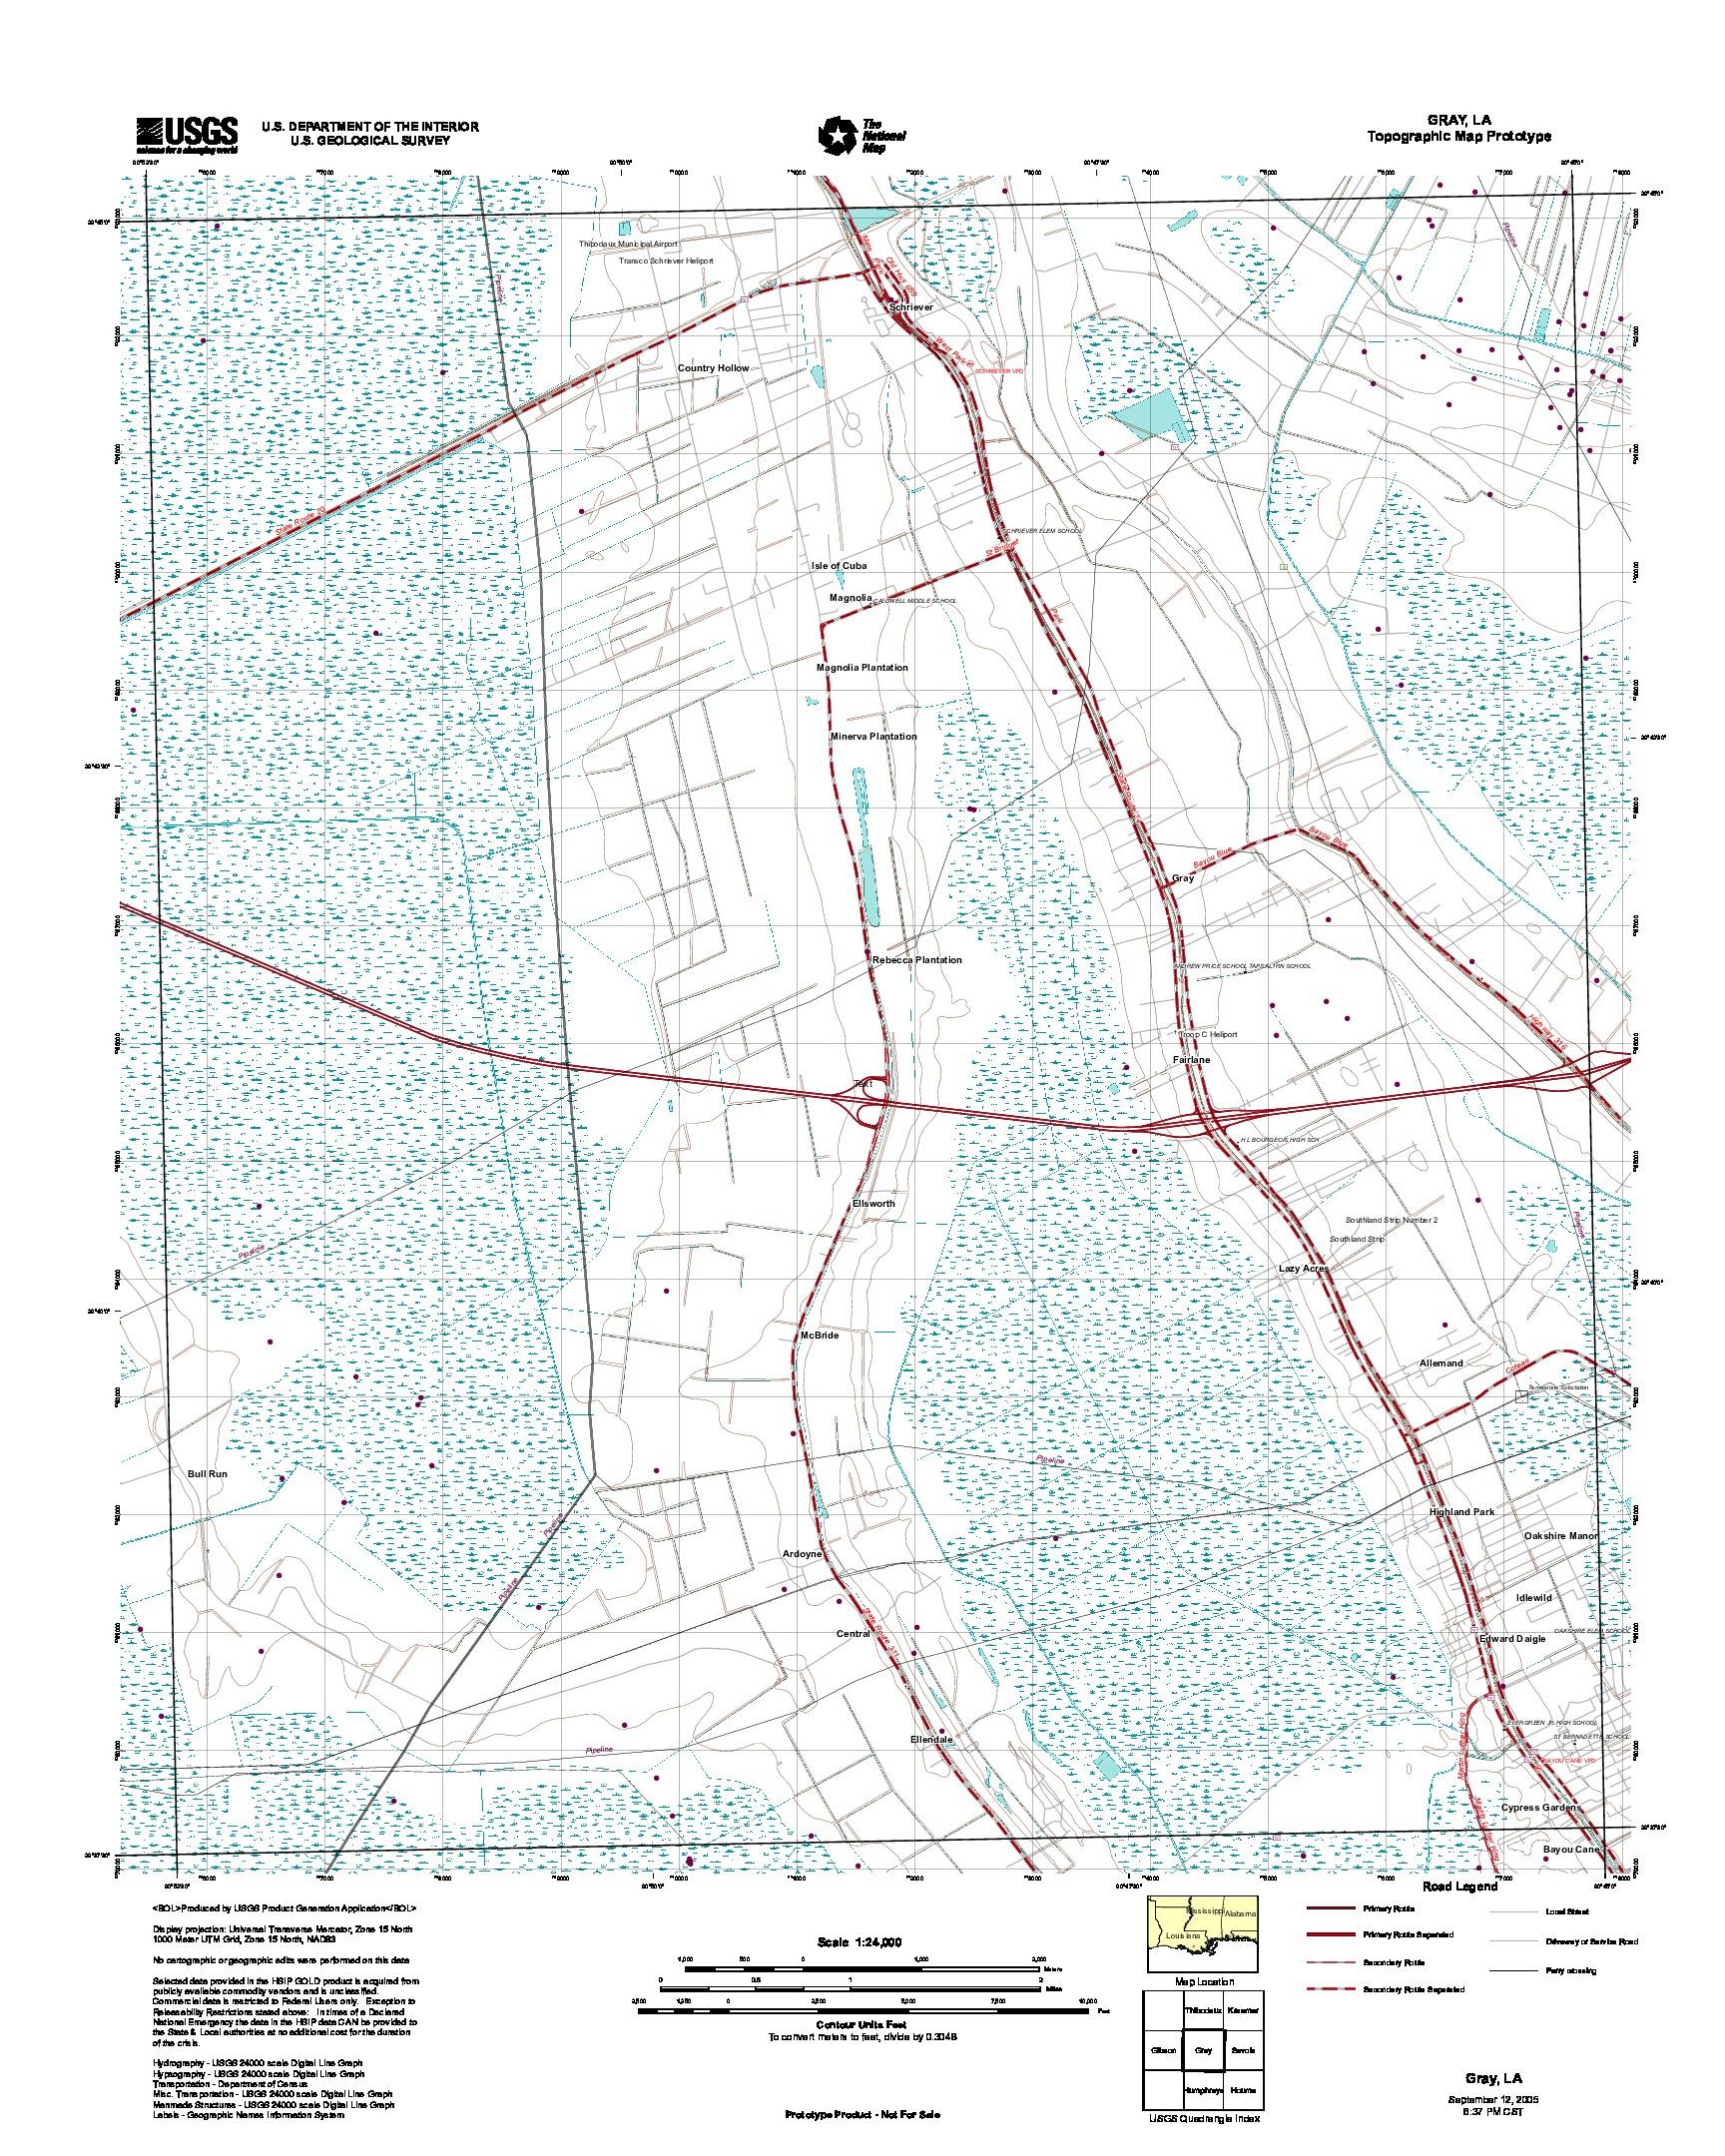 Prototipo de Mapa Topográfico de Gray, Luisiana, Estados Unidos, Septiembre 12, 2005